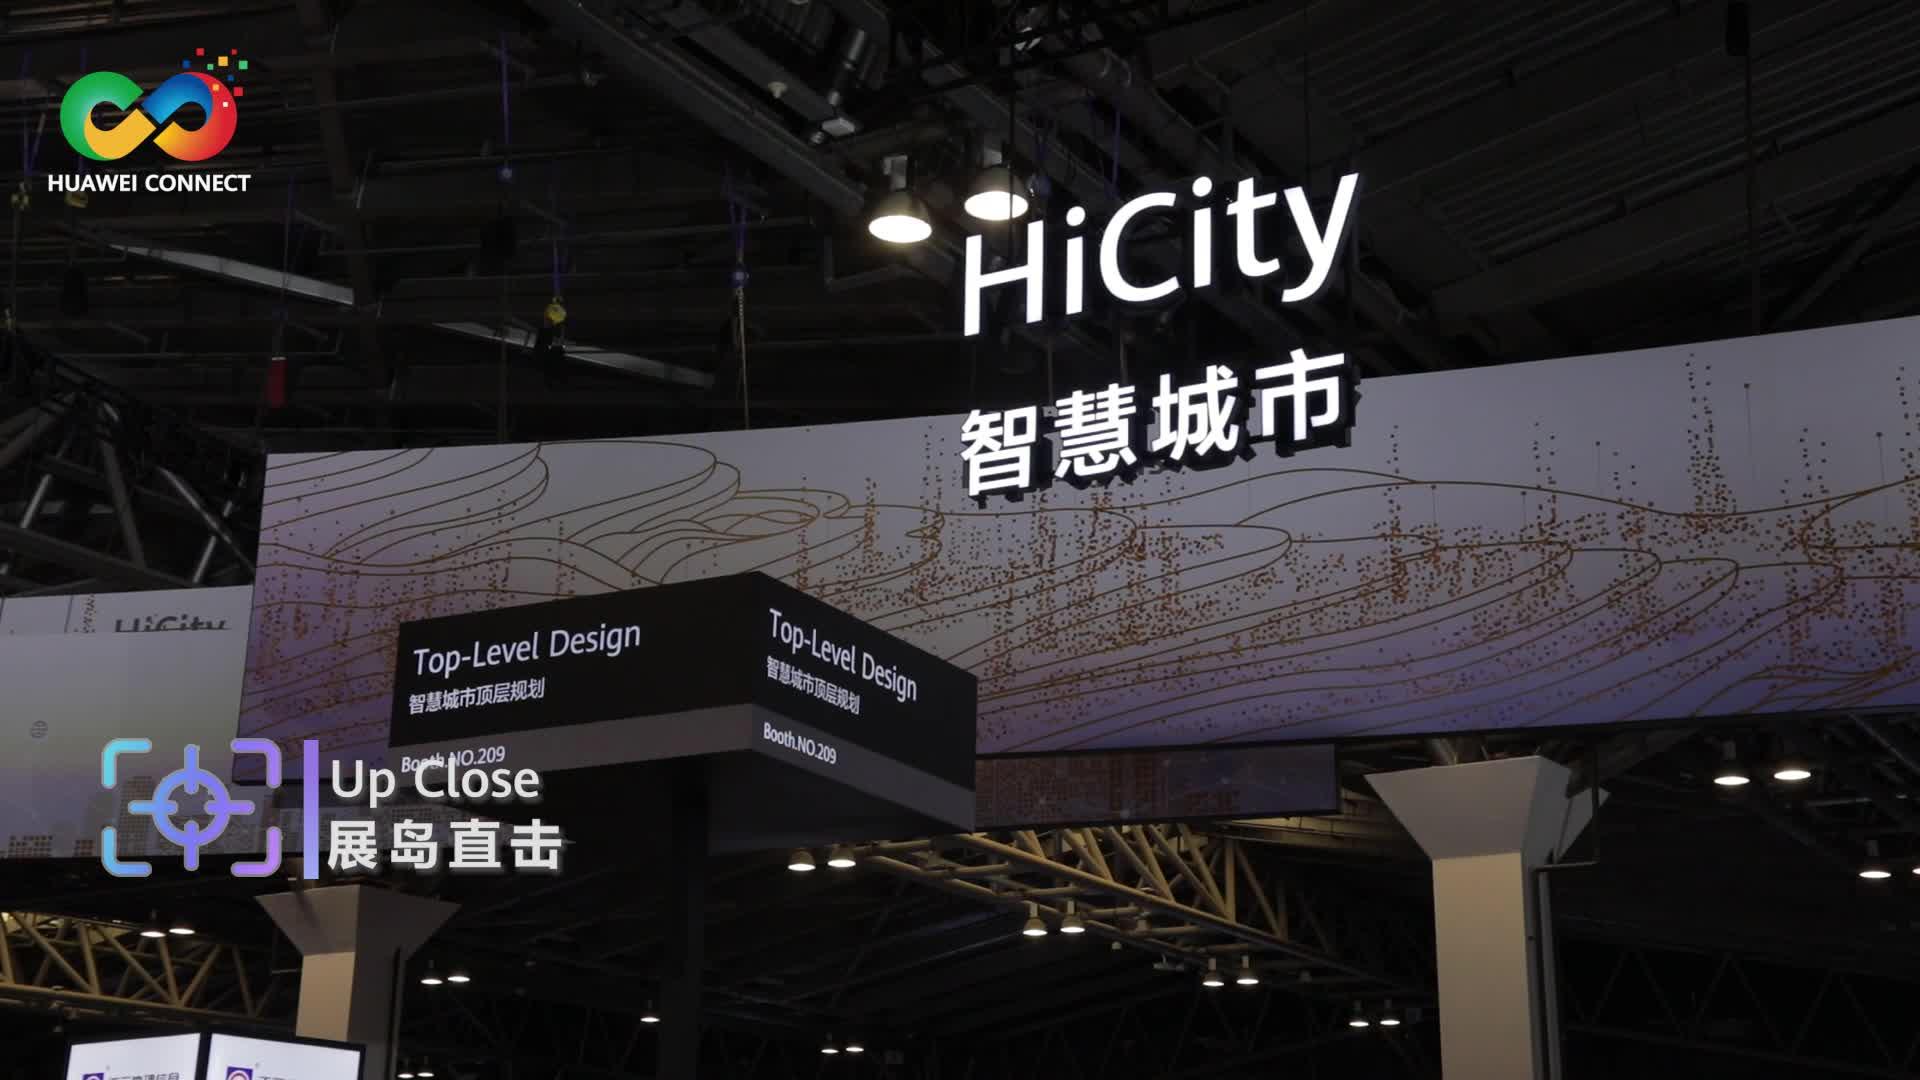 华为:智慧城市解决方案HiCity,激发城市新价值